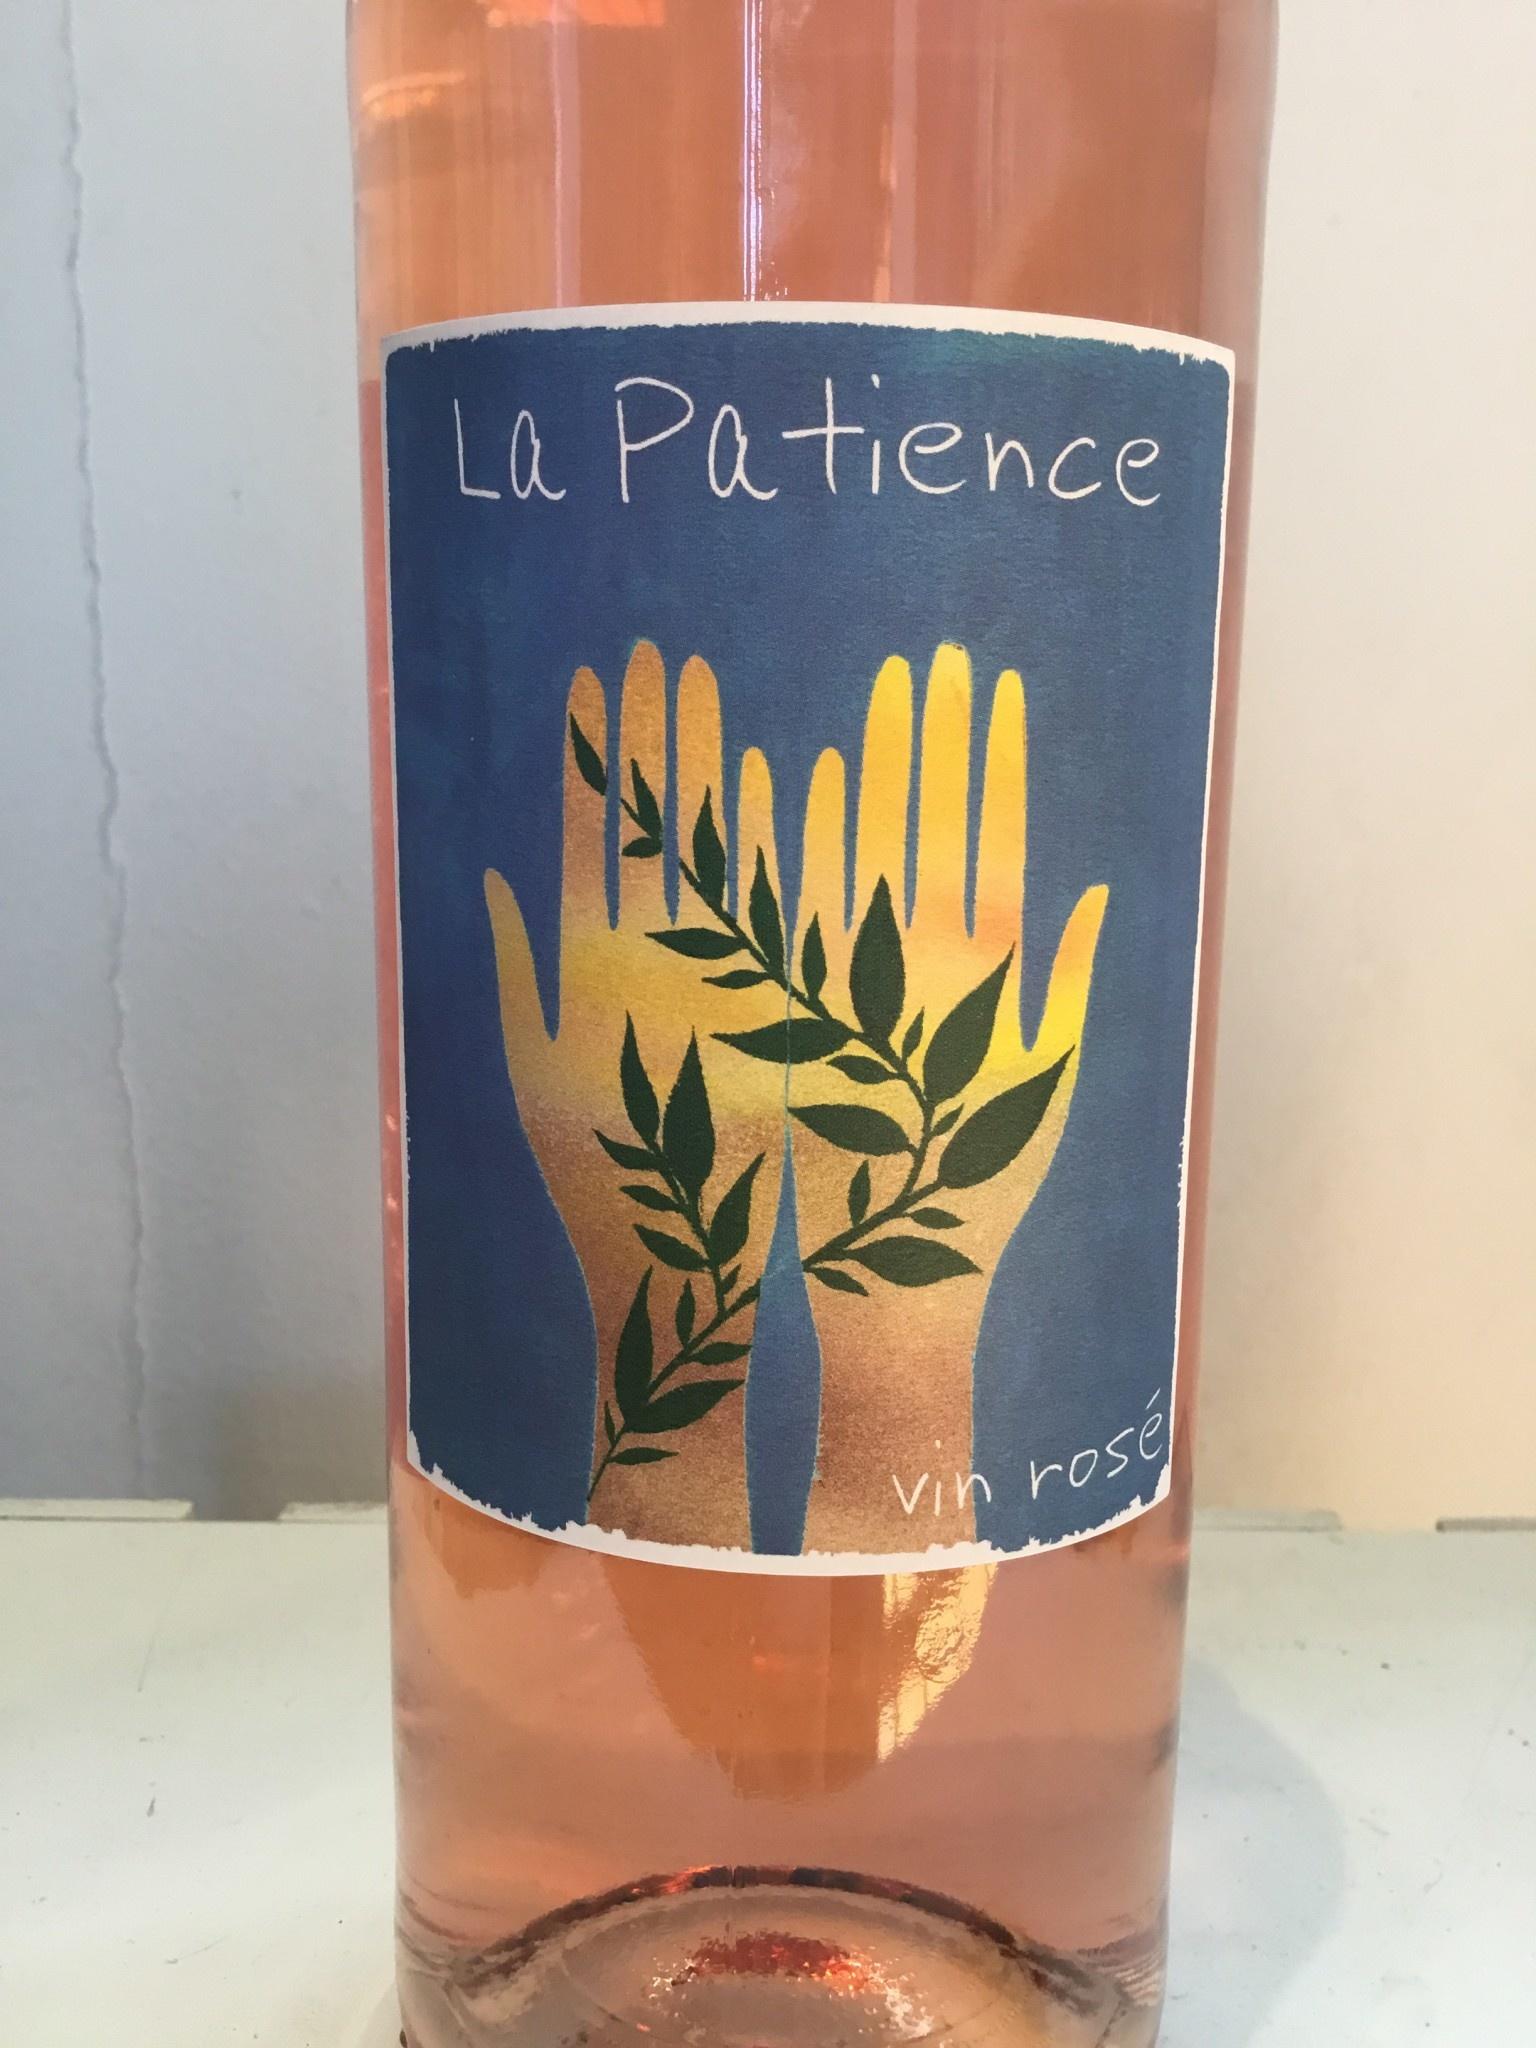 2018 La Patience Vin de France Rose, 750ml